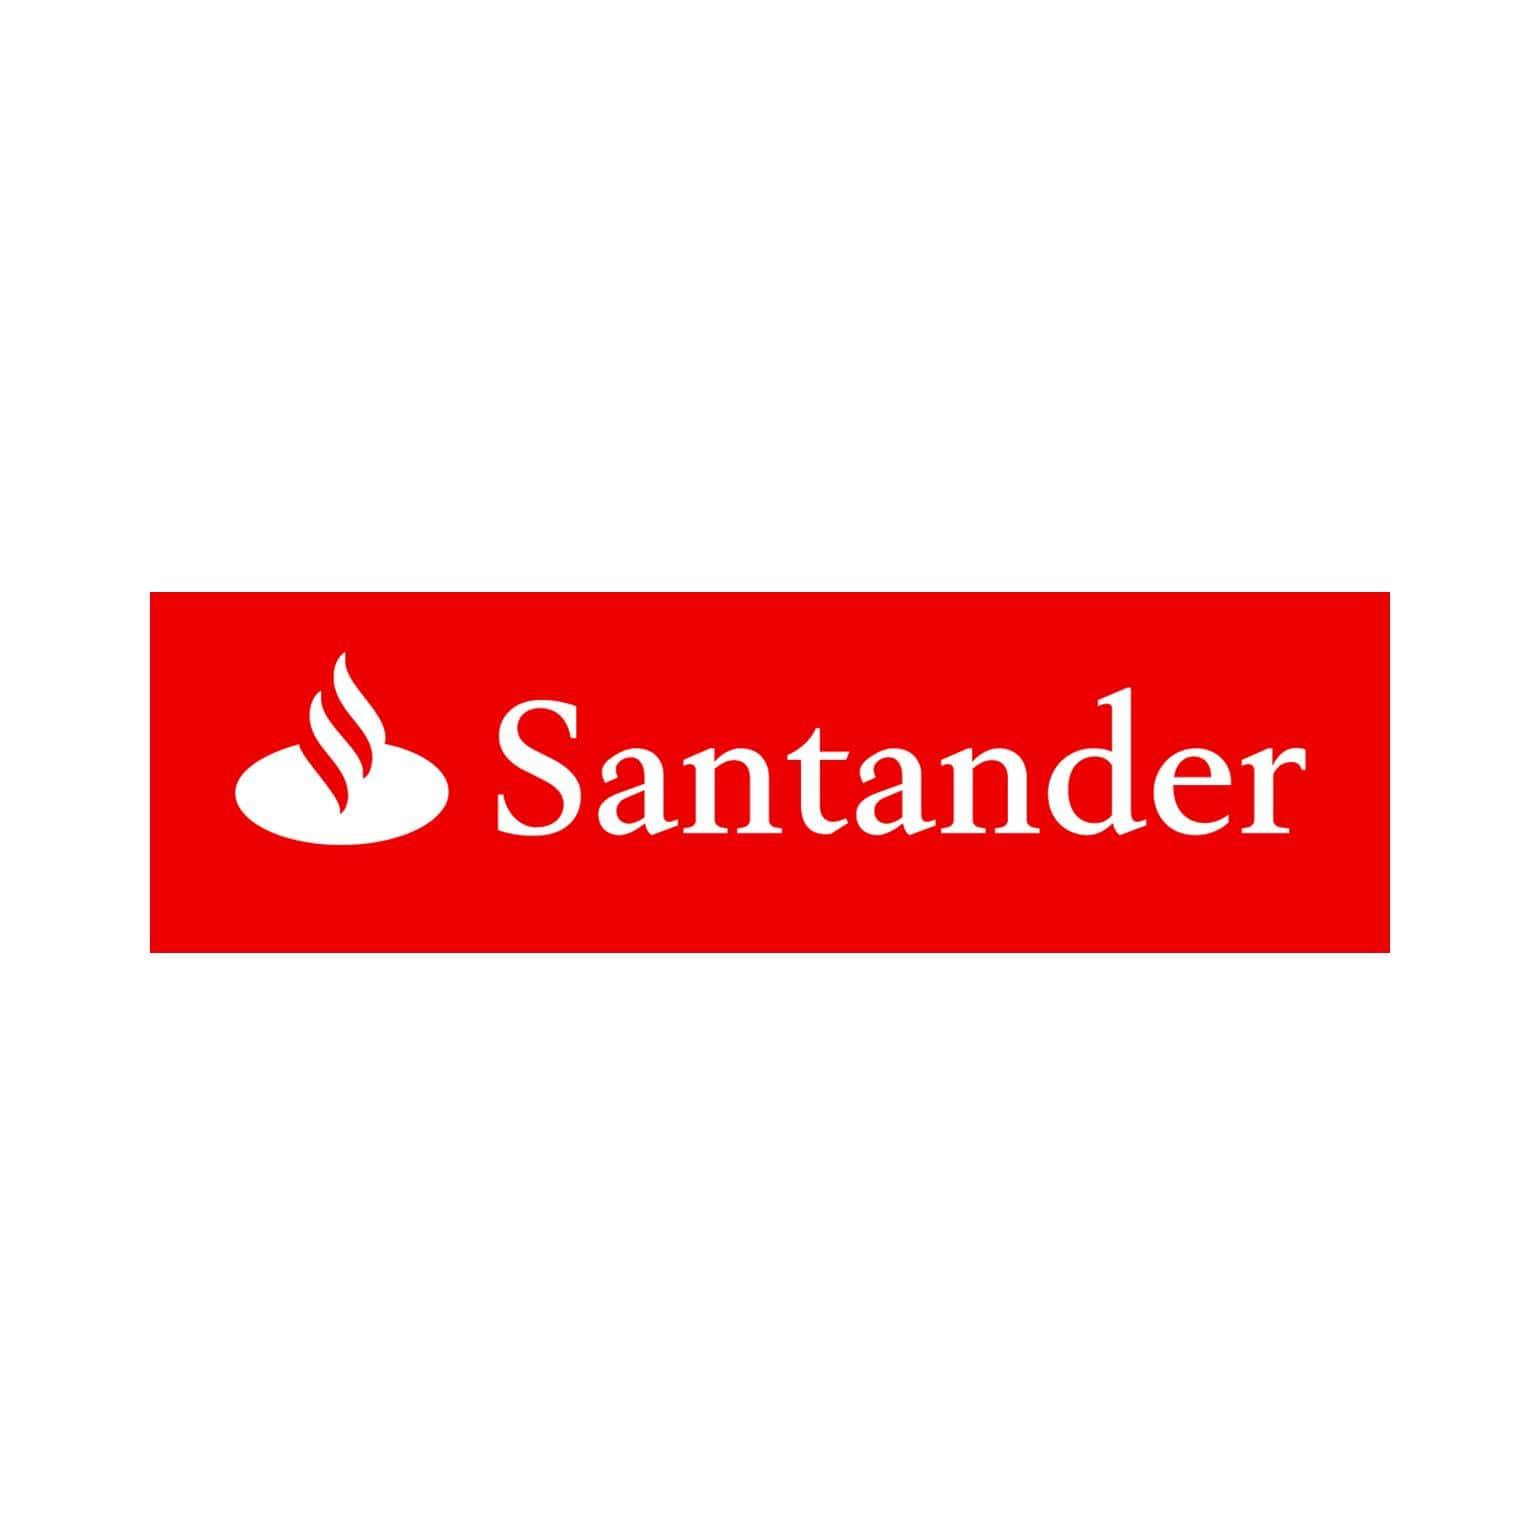 Santander-min